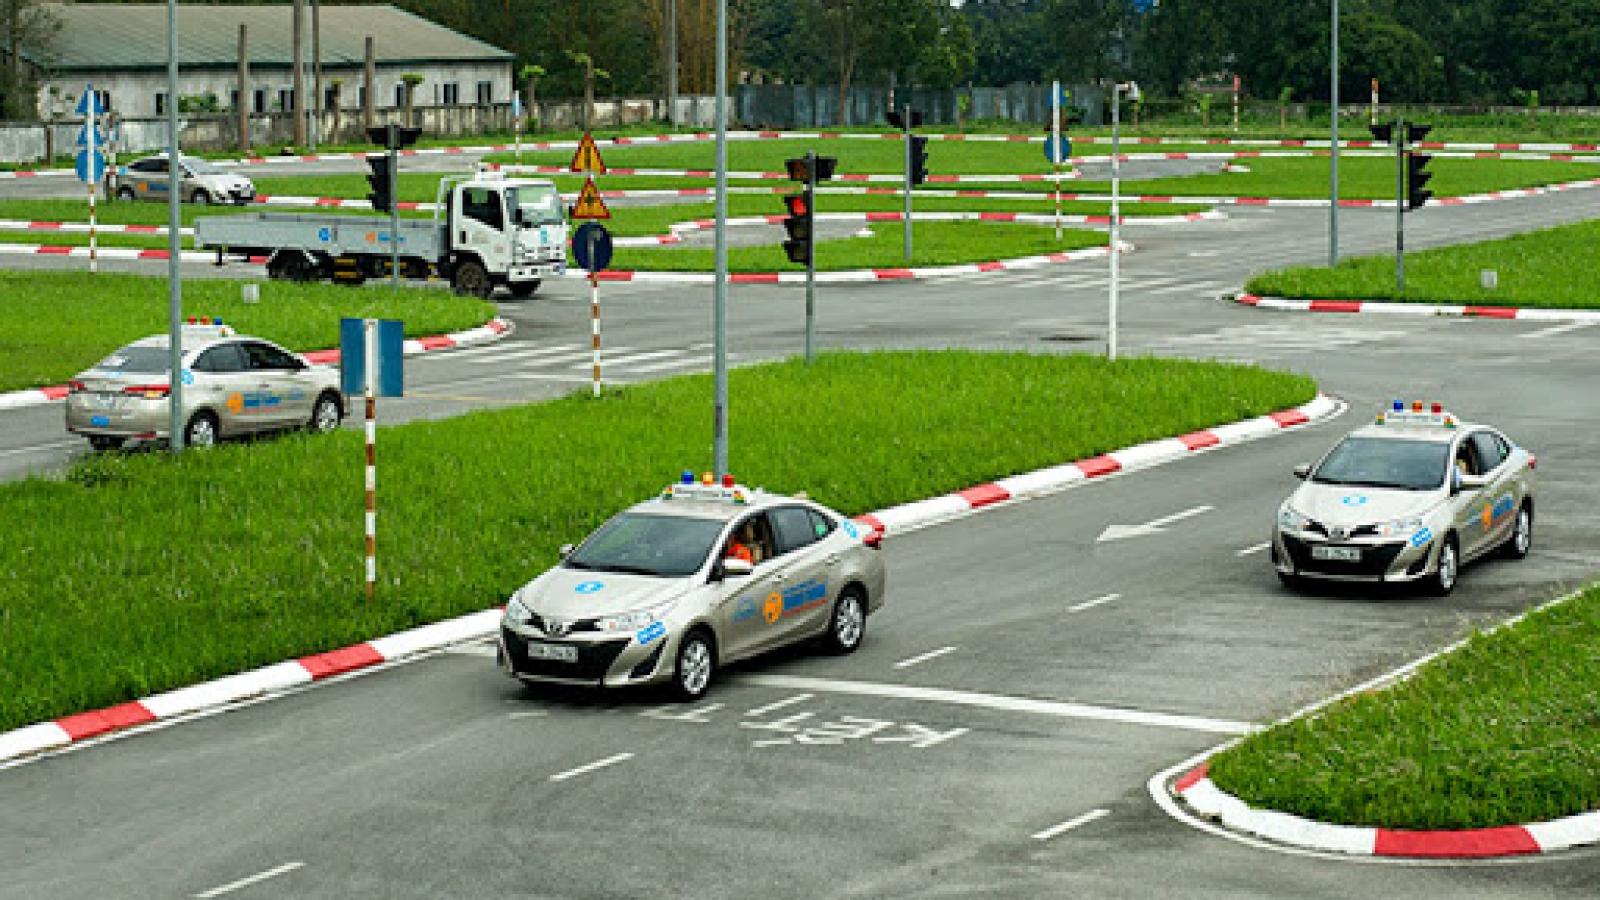 Bộ Công an sẽ đào tạo, sát hạch và cấp giấy phép lái xe